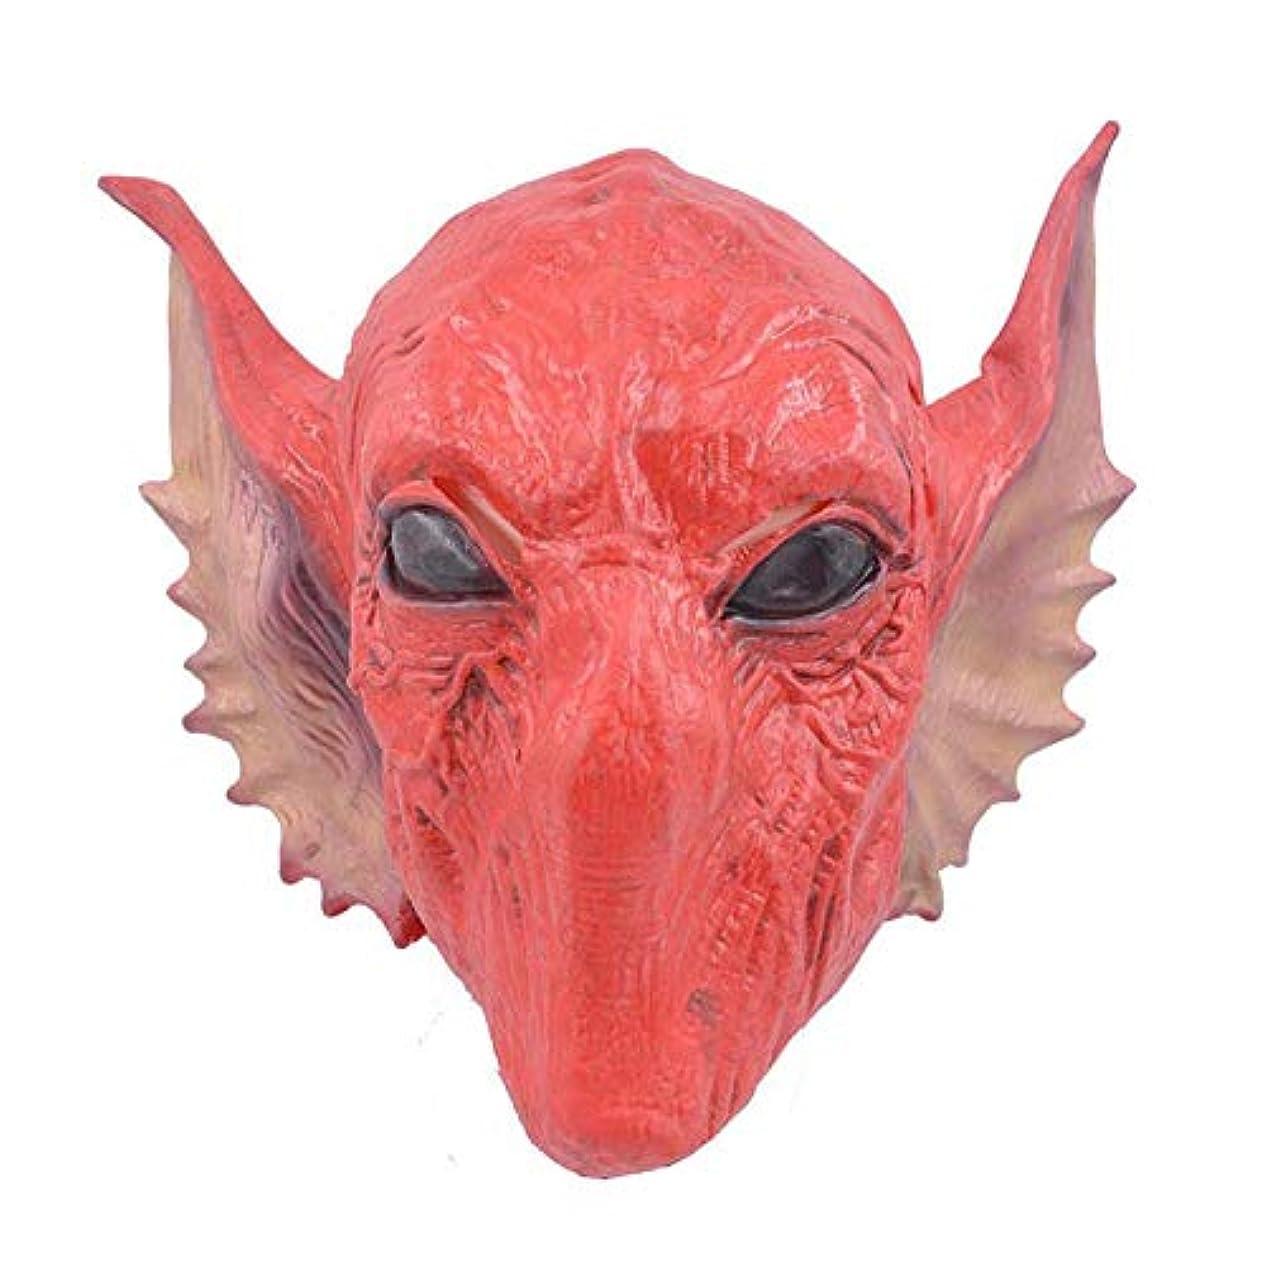 温かい昆虫を見るタイプハロウィーンマスク赤いフードのSF映画のテーママスクホラーマスク